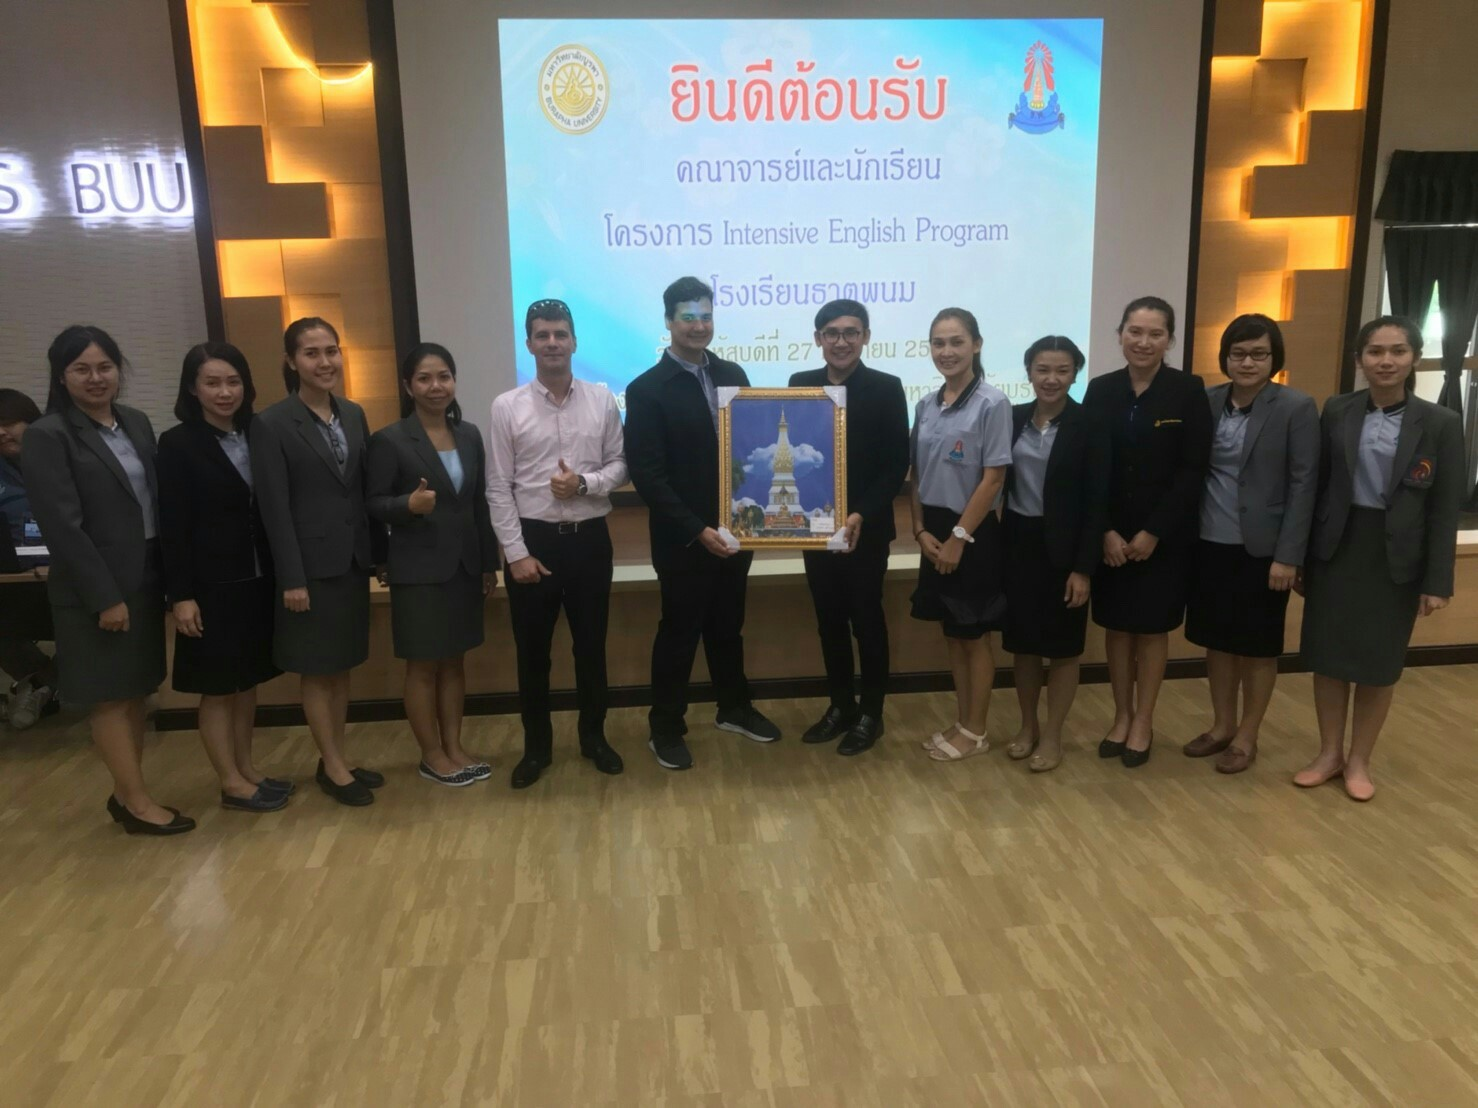 ต้อนรับศึกษาดูงานจากโรงเรียนธาตุพนม